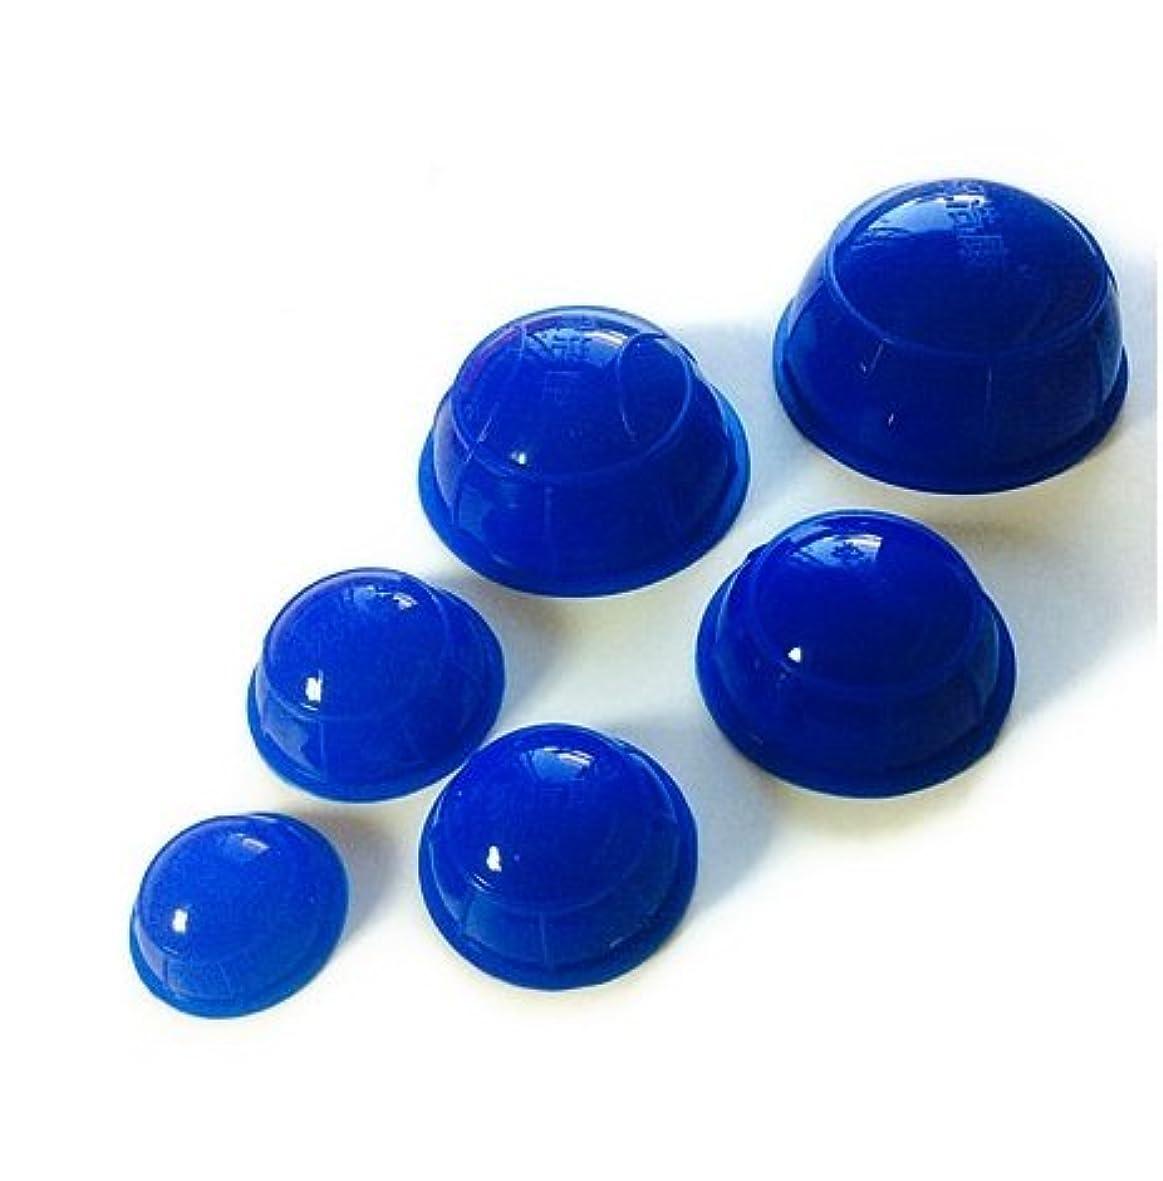 分散ポンペイ運ぶ簡易 吸い玉6個セット ブルー 大中小5種類の大きさ